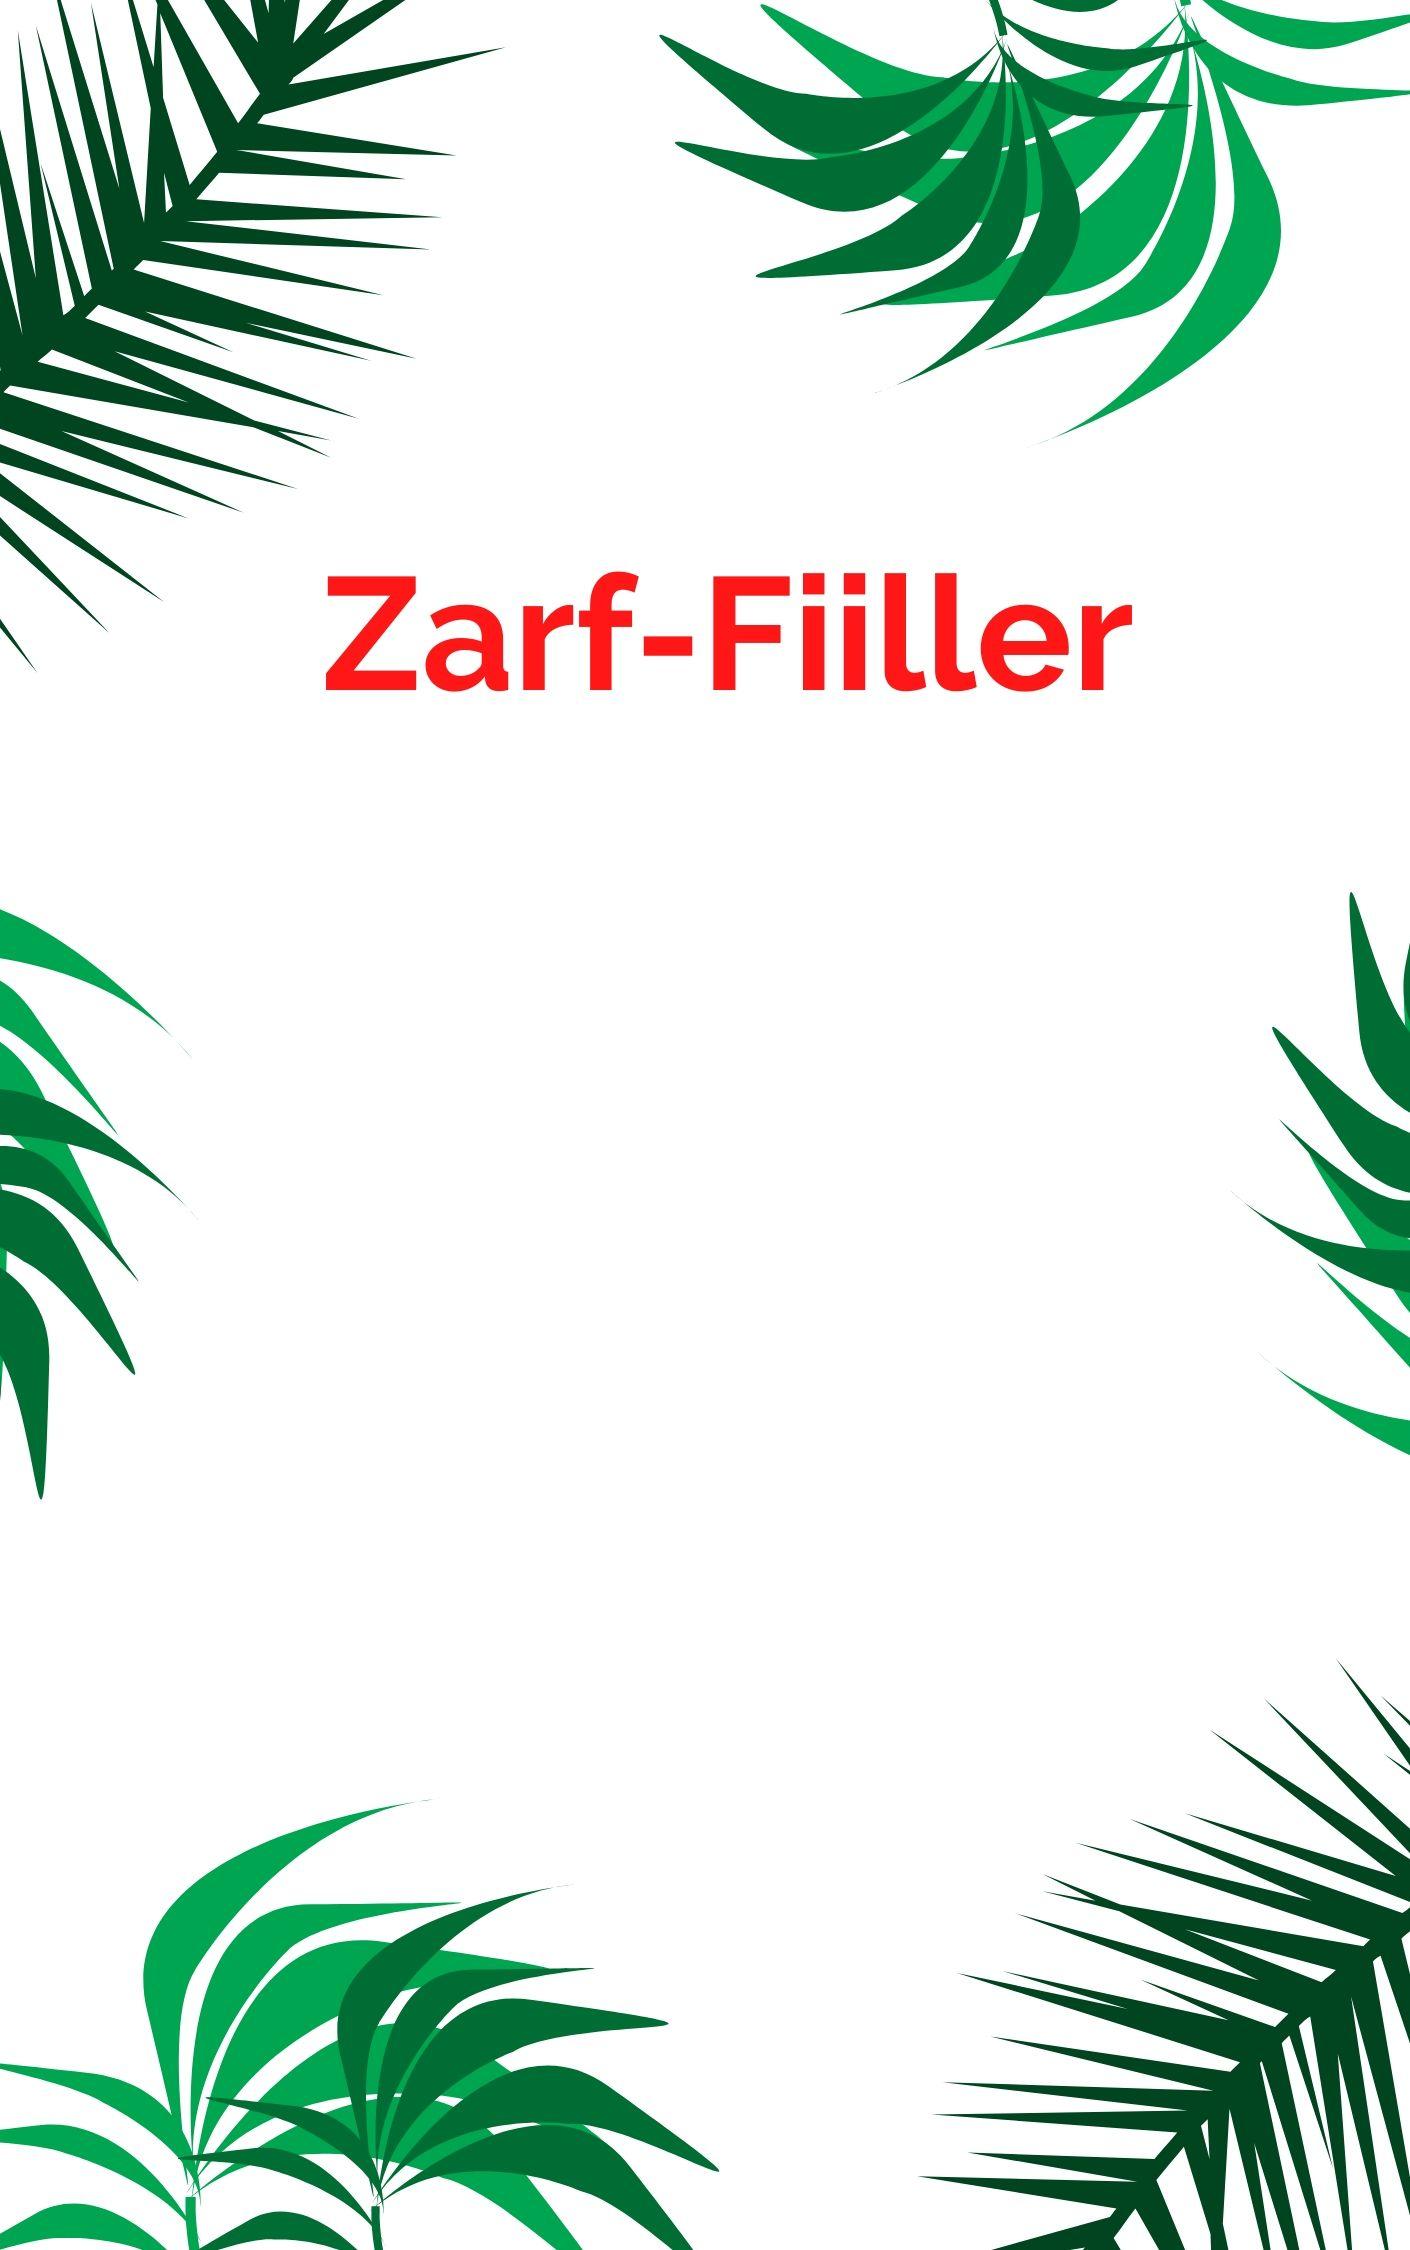 Zarf-Fiil